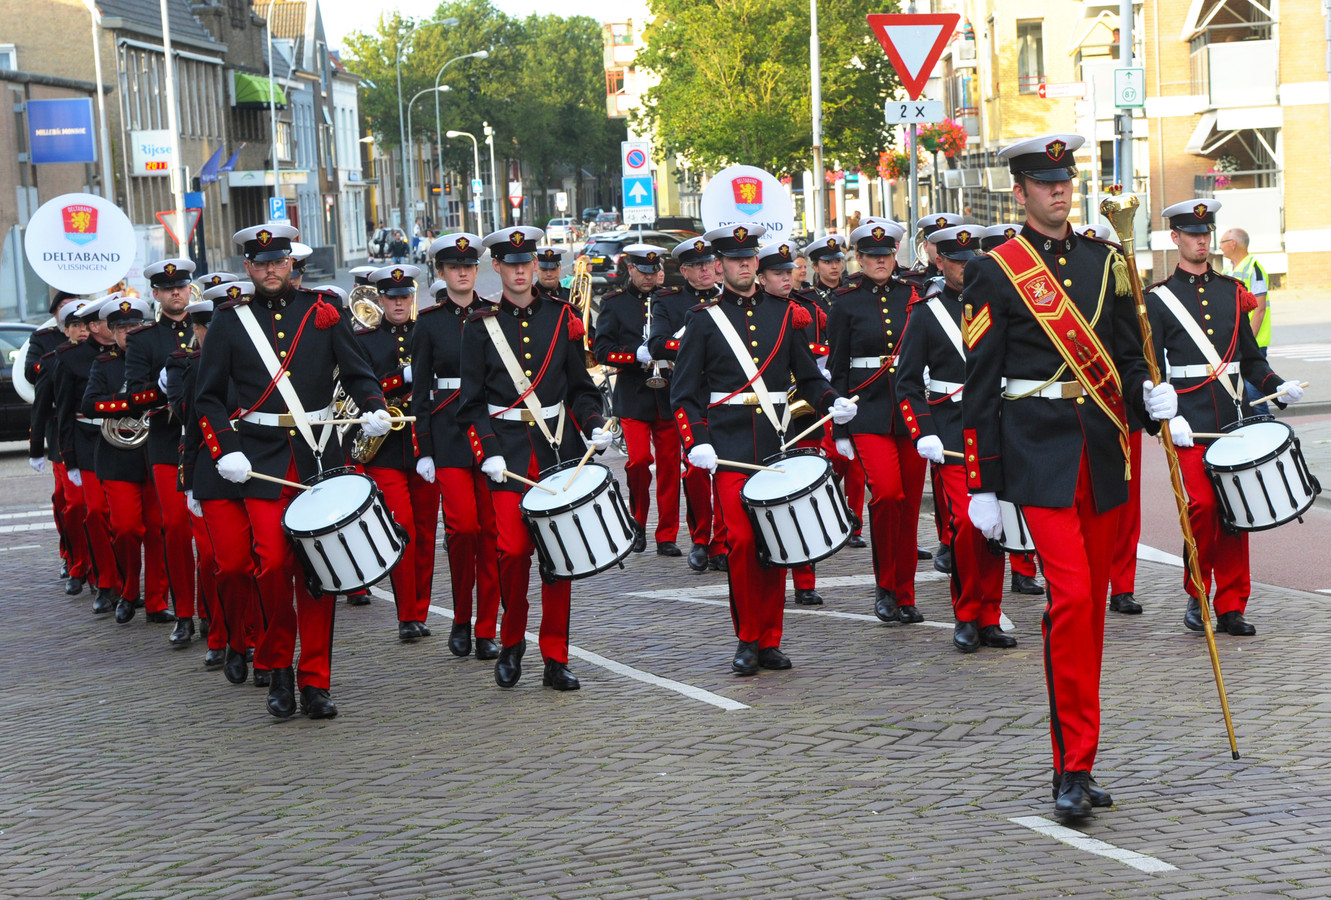 Nieuwe uniformen voor de Delta Band